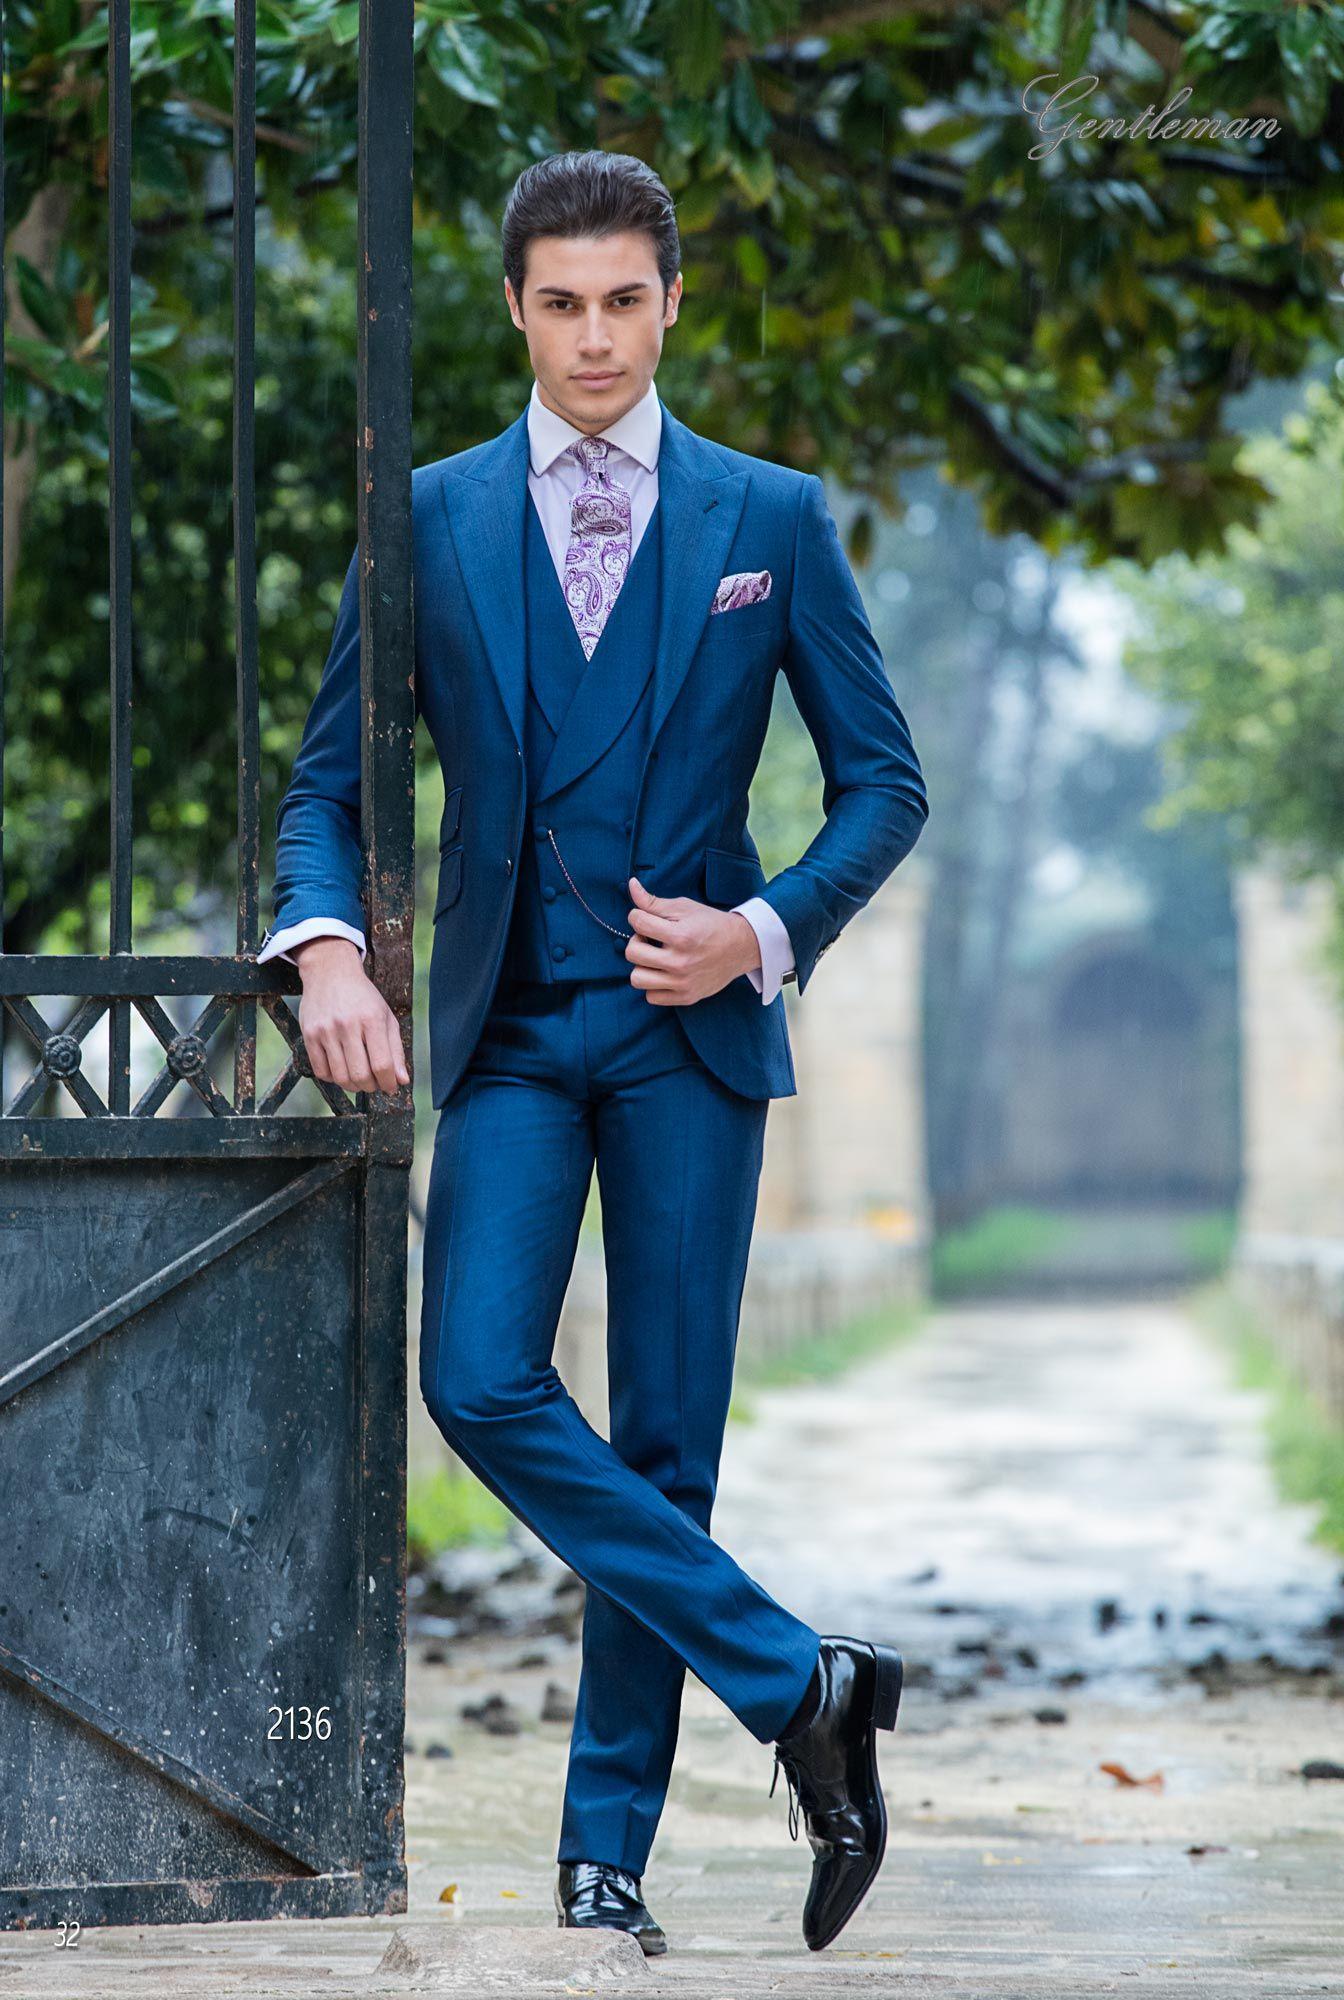 48523ff598da Abito da sposo elegante blu elettrico in misto lana mohair. Completo ONGala  2136.